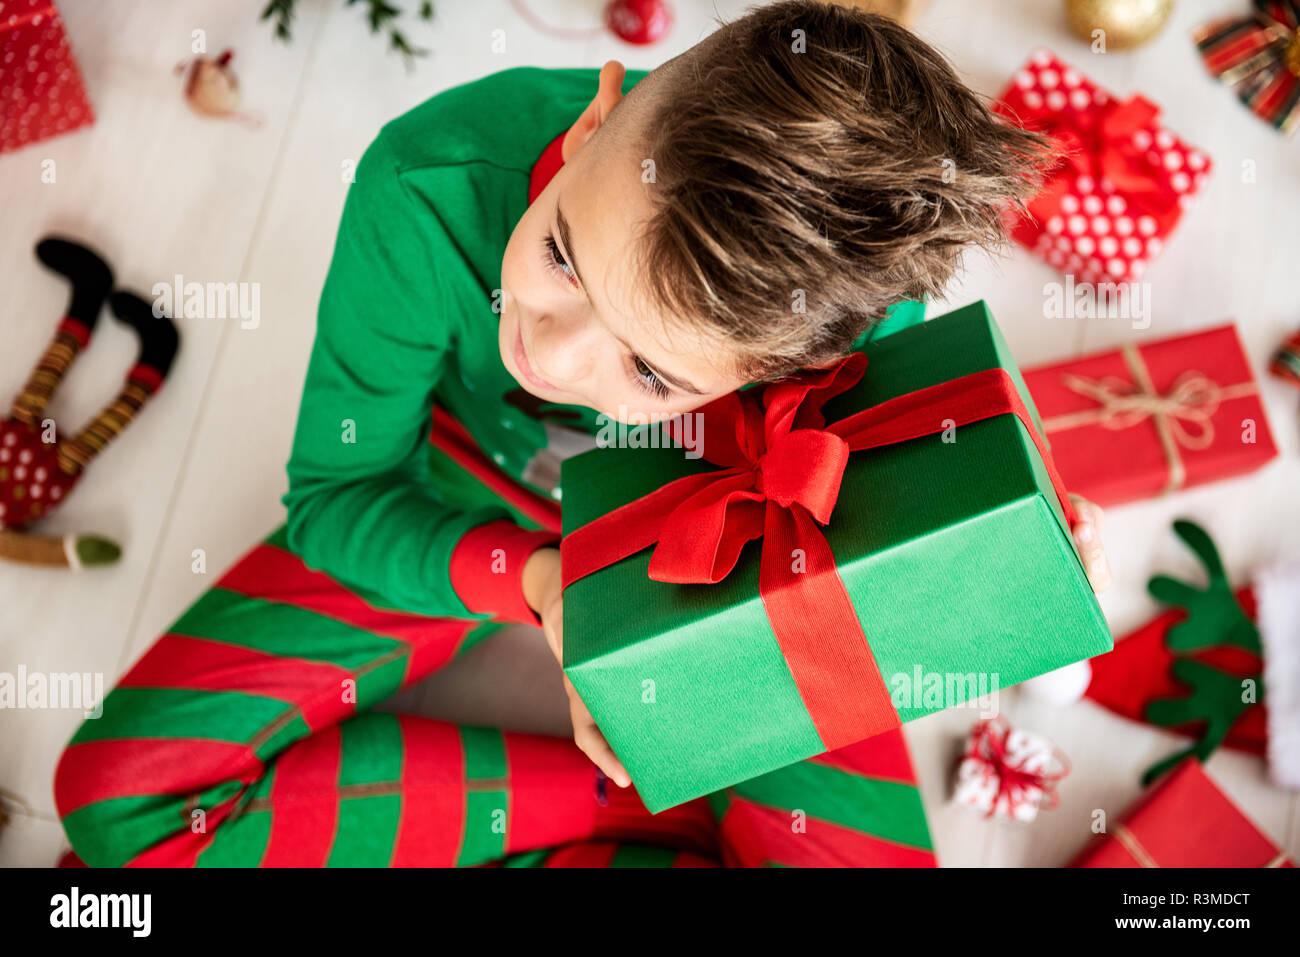 Curioso joven vestían pijamas de navidad sentados en el suelo el día de navidad, sacudir su regalo de Navidad para escuchar lo que está dentro, vista superior. Imagen De Stock